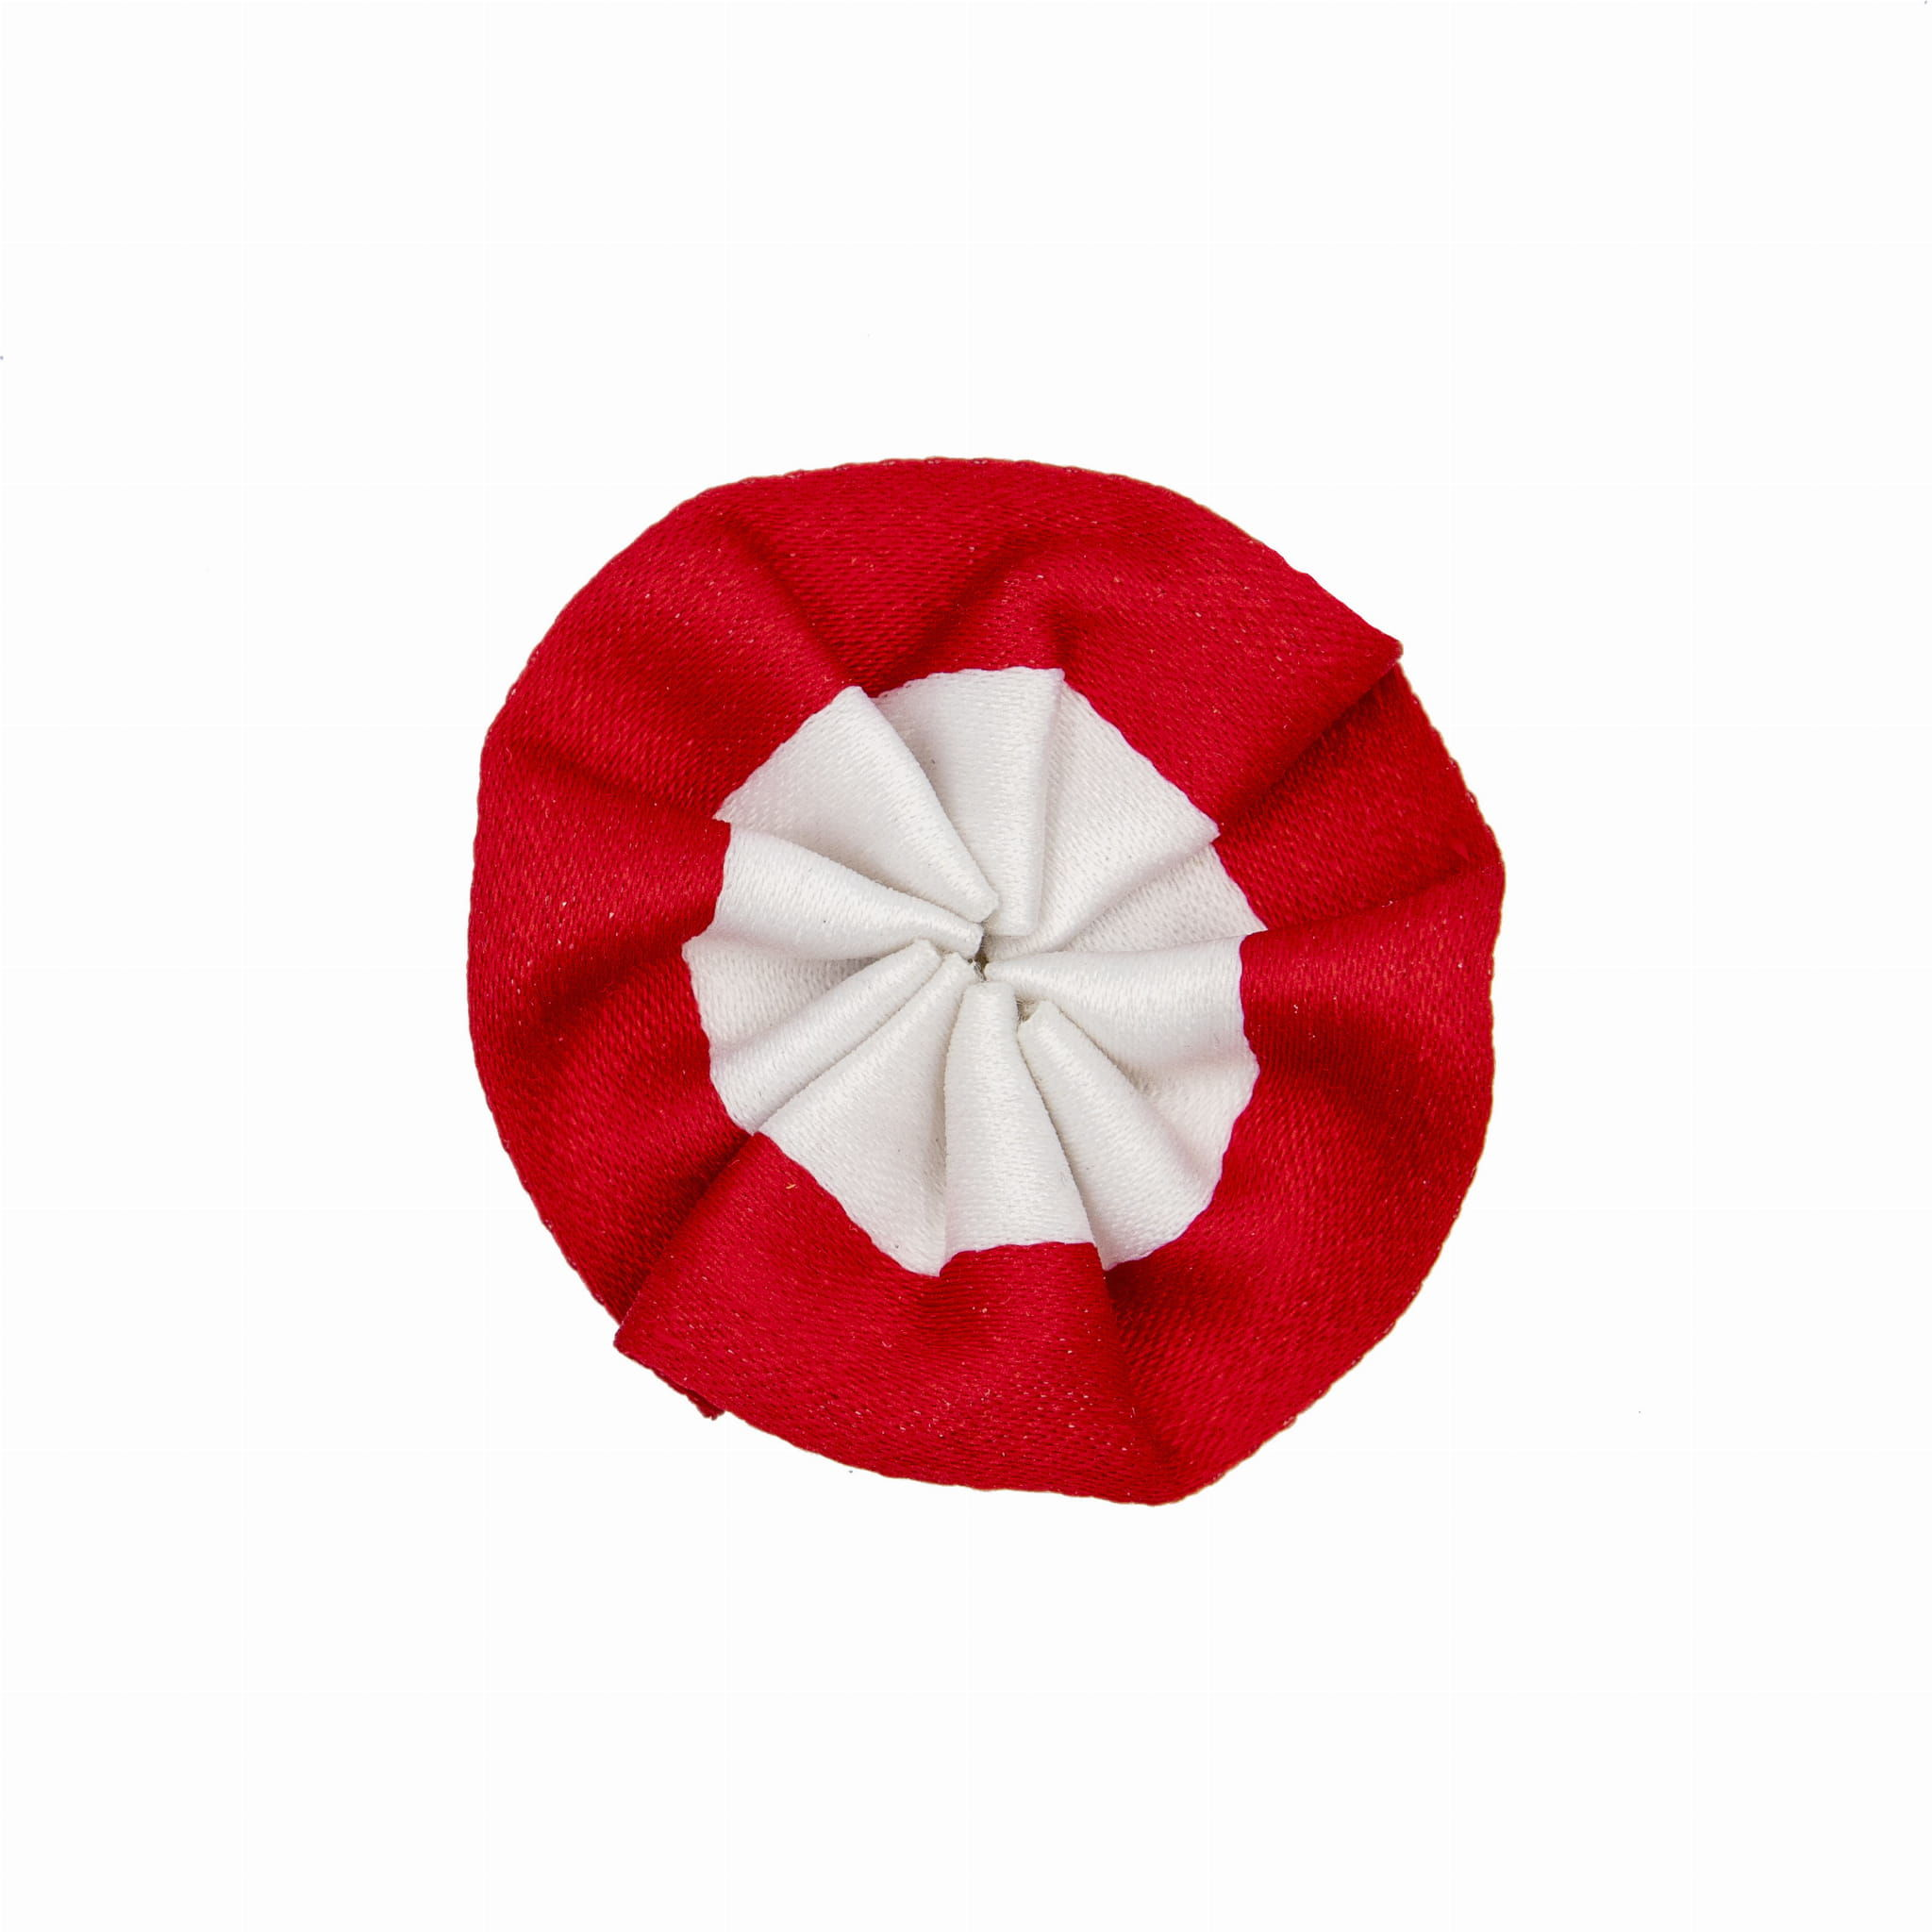 Kotylion, flaga, broszka, przypinka, kokarda narodowa